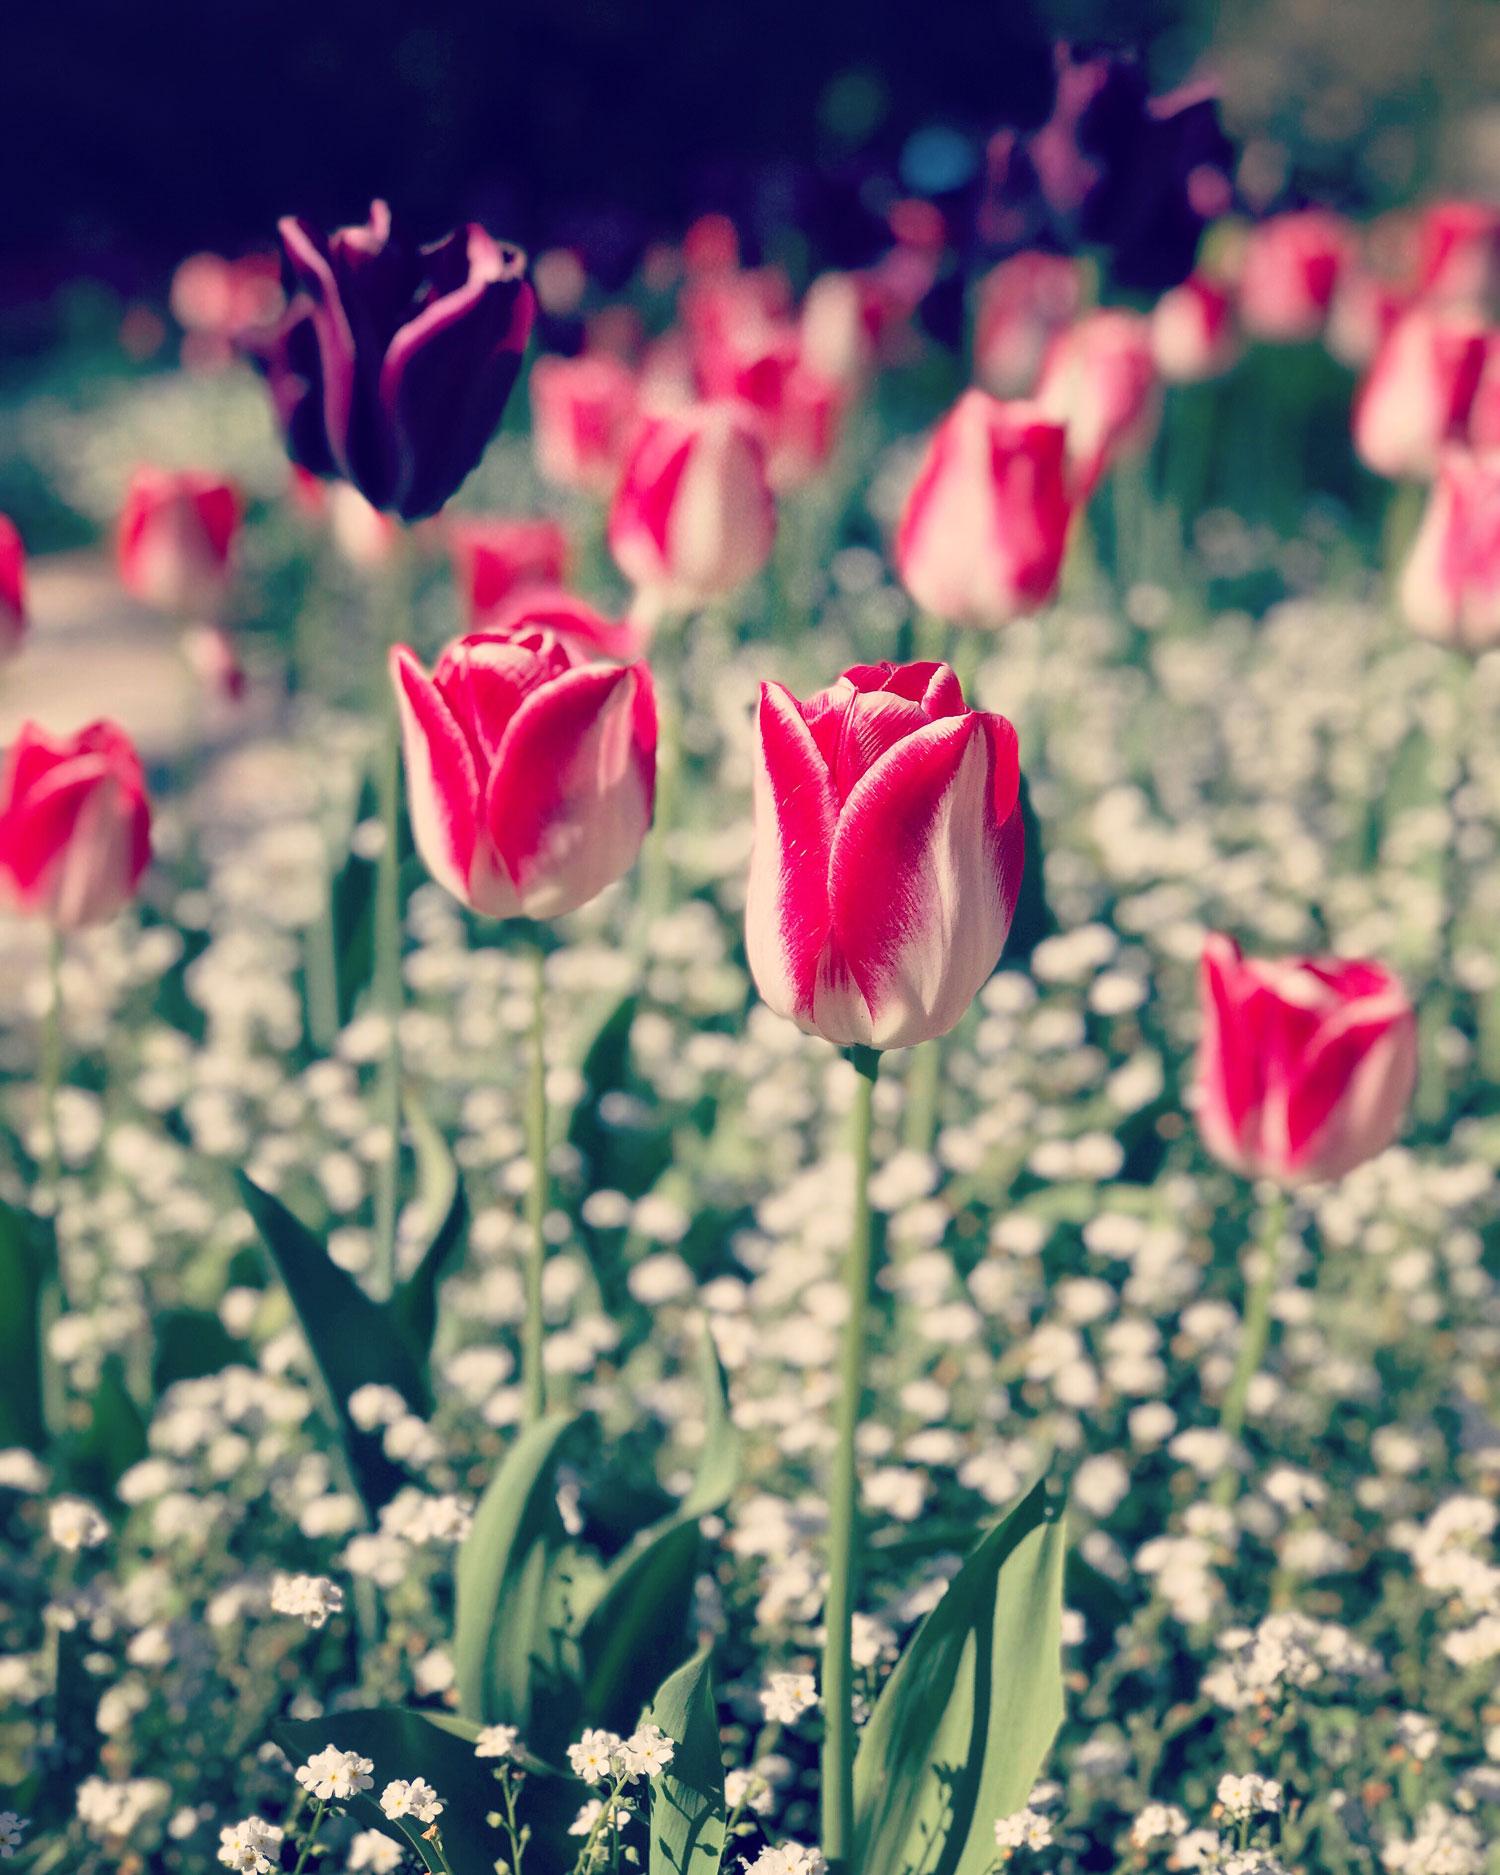 botaniska-trädgården-visby-gotland-midbec-tapeter